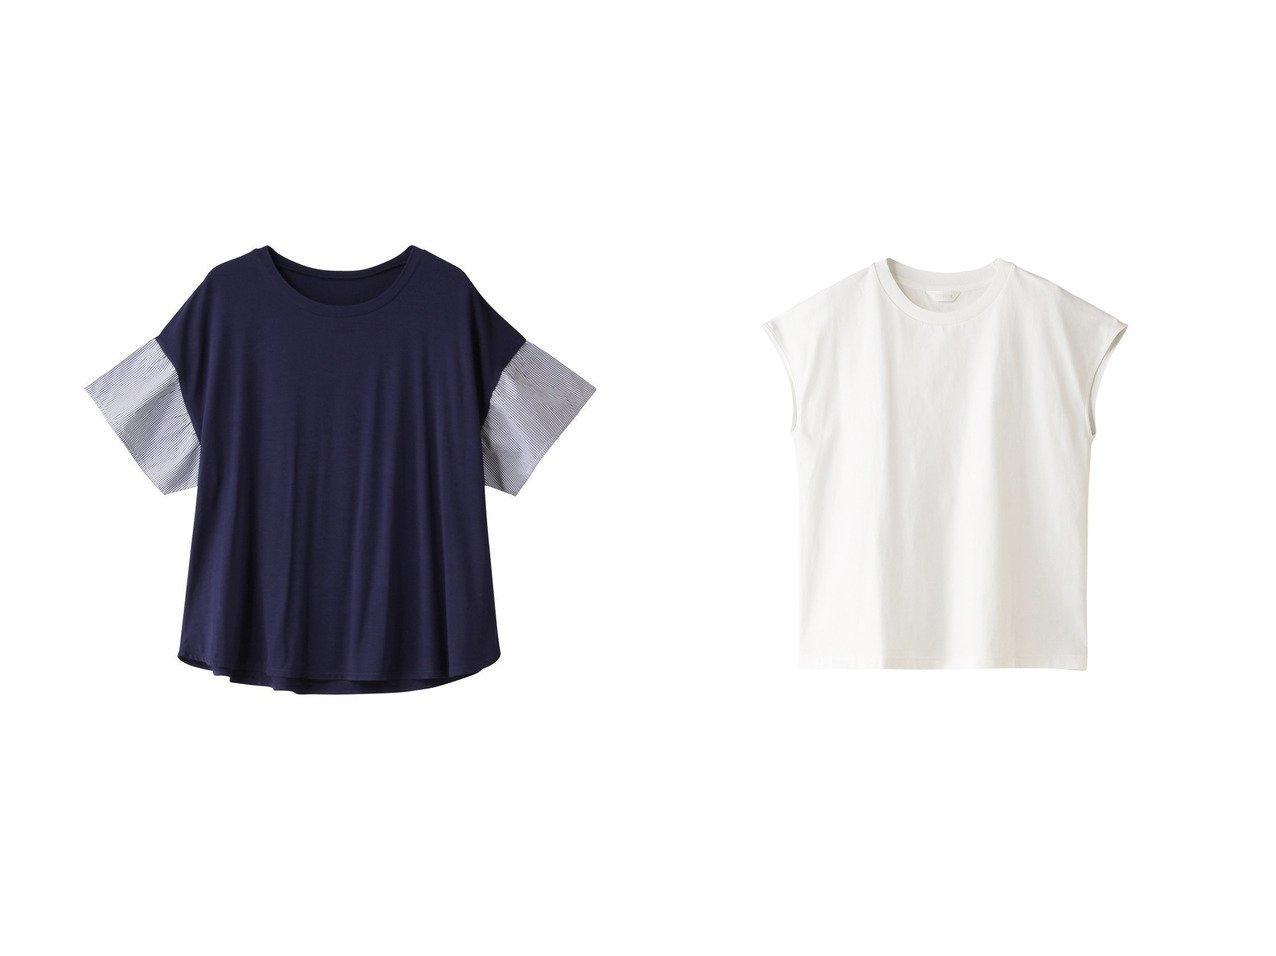 【KID BLUE/キッドブルー】の21レーヨンベア天トップ&21ベーシックTシャツトップ 【トップス・カットソー】おすすめ!人気トレンド・レディースファッションの通販  おすすめで人気の流行・トレンド、ファッションの通販商品 メンズファッション・キッズファッション・インテリア・家具・レディースファッション・服の通販 founy(ファニー) https://founy.com/ ファッション Fashion レディースファッション WOMEN トップス・カットソー Tops/Tshirt シャツ/ブラウス Shirts/Blouses ロング / Tシャツ T-Shirts カットソー Cut and Sewn ショート シンプル スリーブ ベーシック おすすめ Recommend とろみ ストライプ セットアップ |ID:crp329100000029732